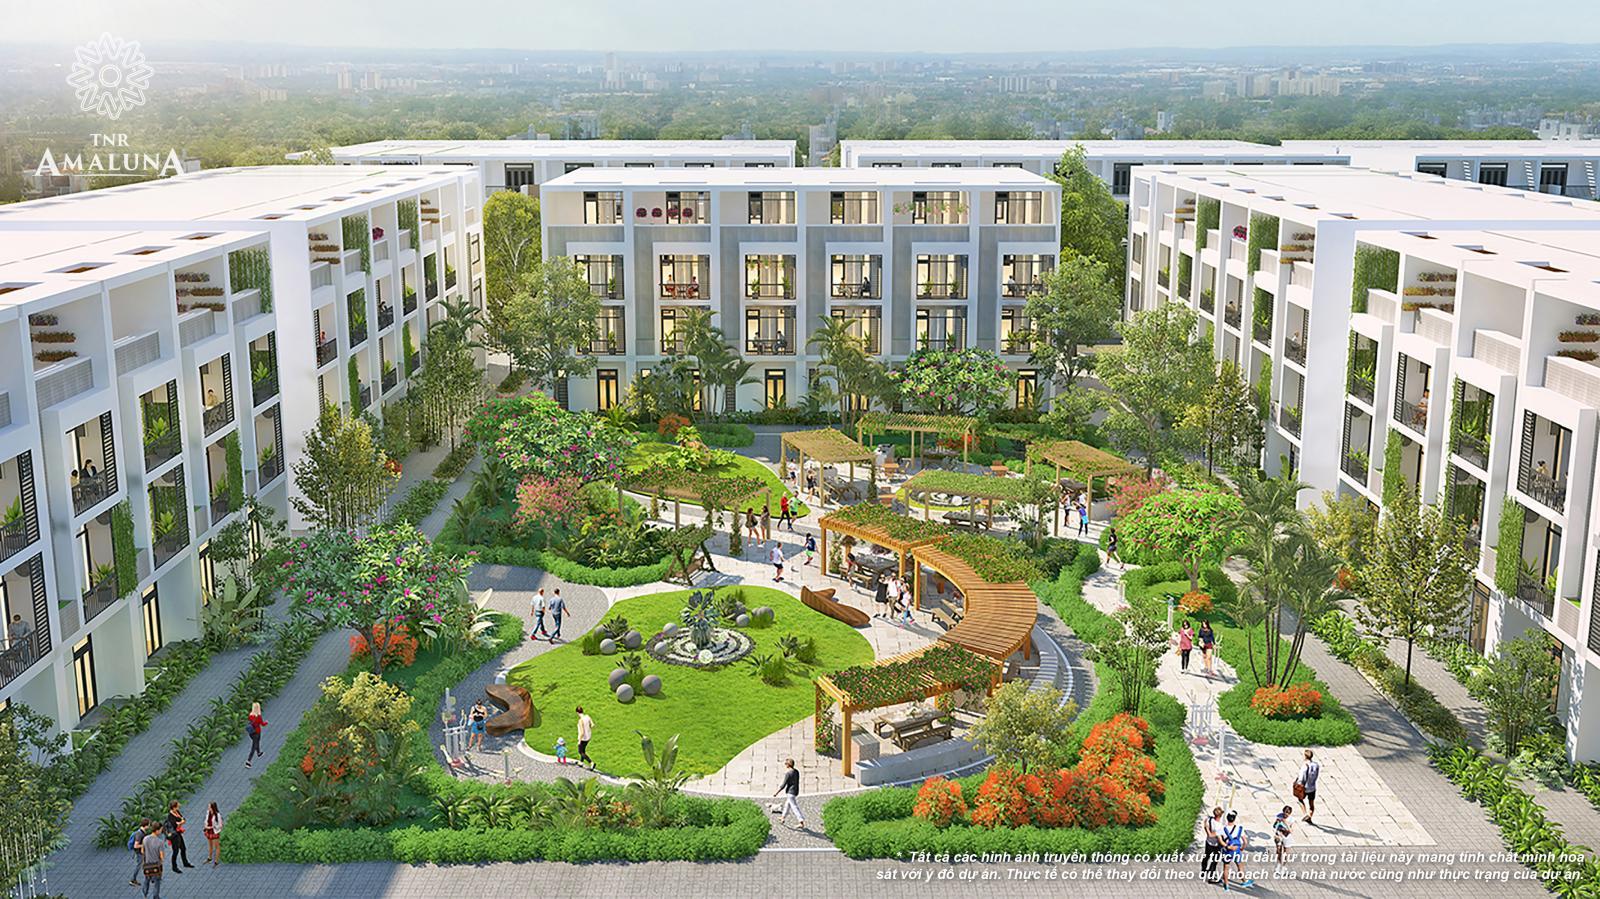 Hình phối cảnh khu công viên nhiều cây xanh nằm giữa 3 dãy nhà